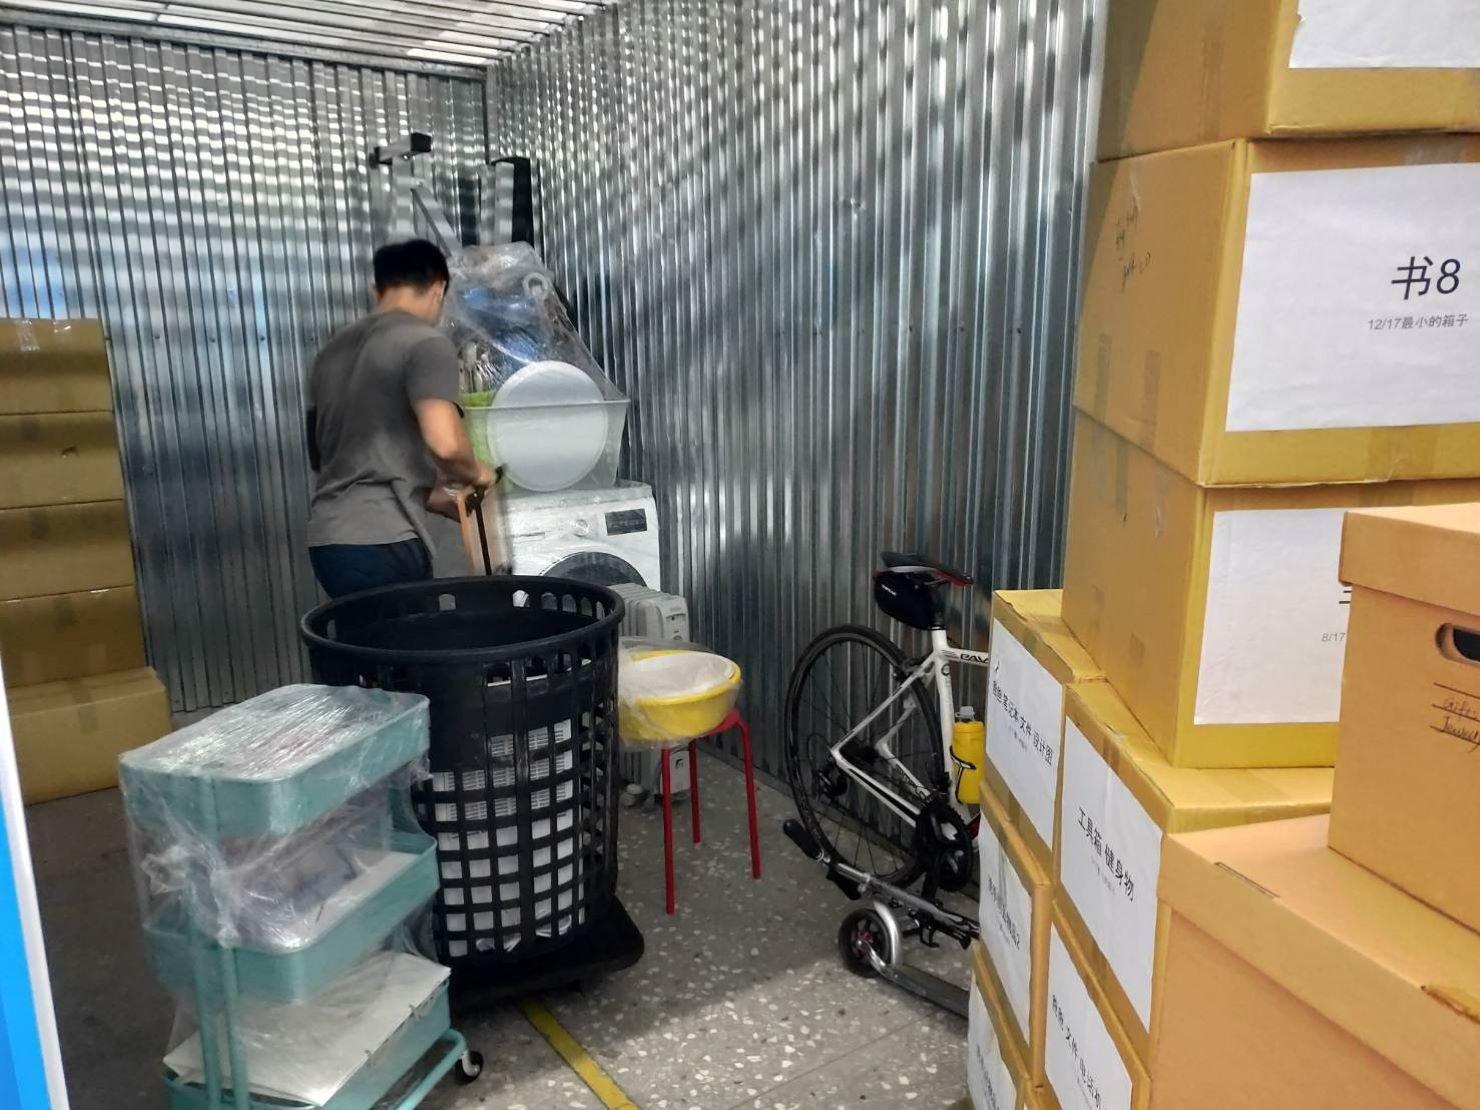 搬家公司推薦【榮福搬家貨運有限公司】搬家口碑第一、台北搬家:將家電物件按顧客需求擺放到指定位置上。